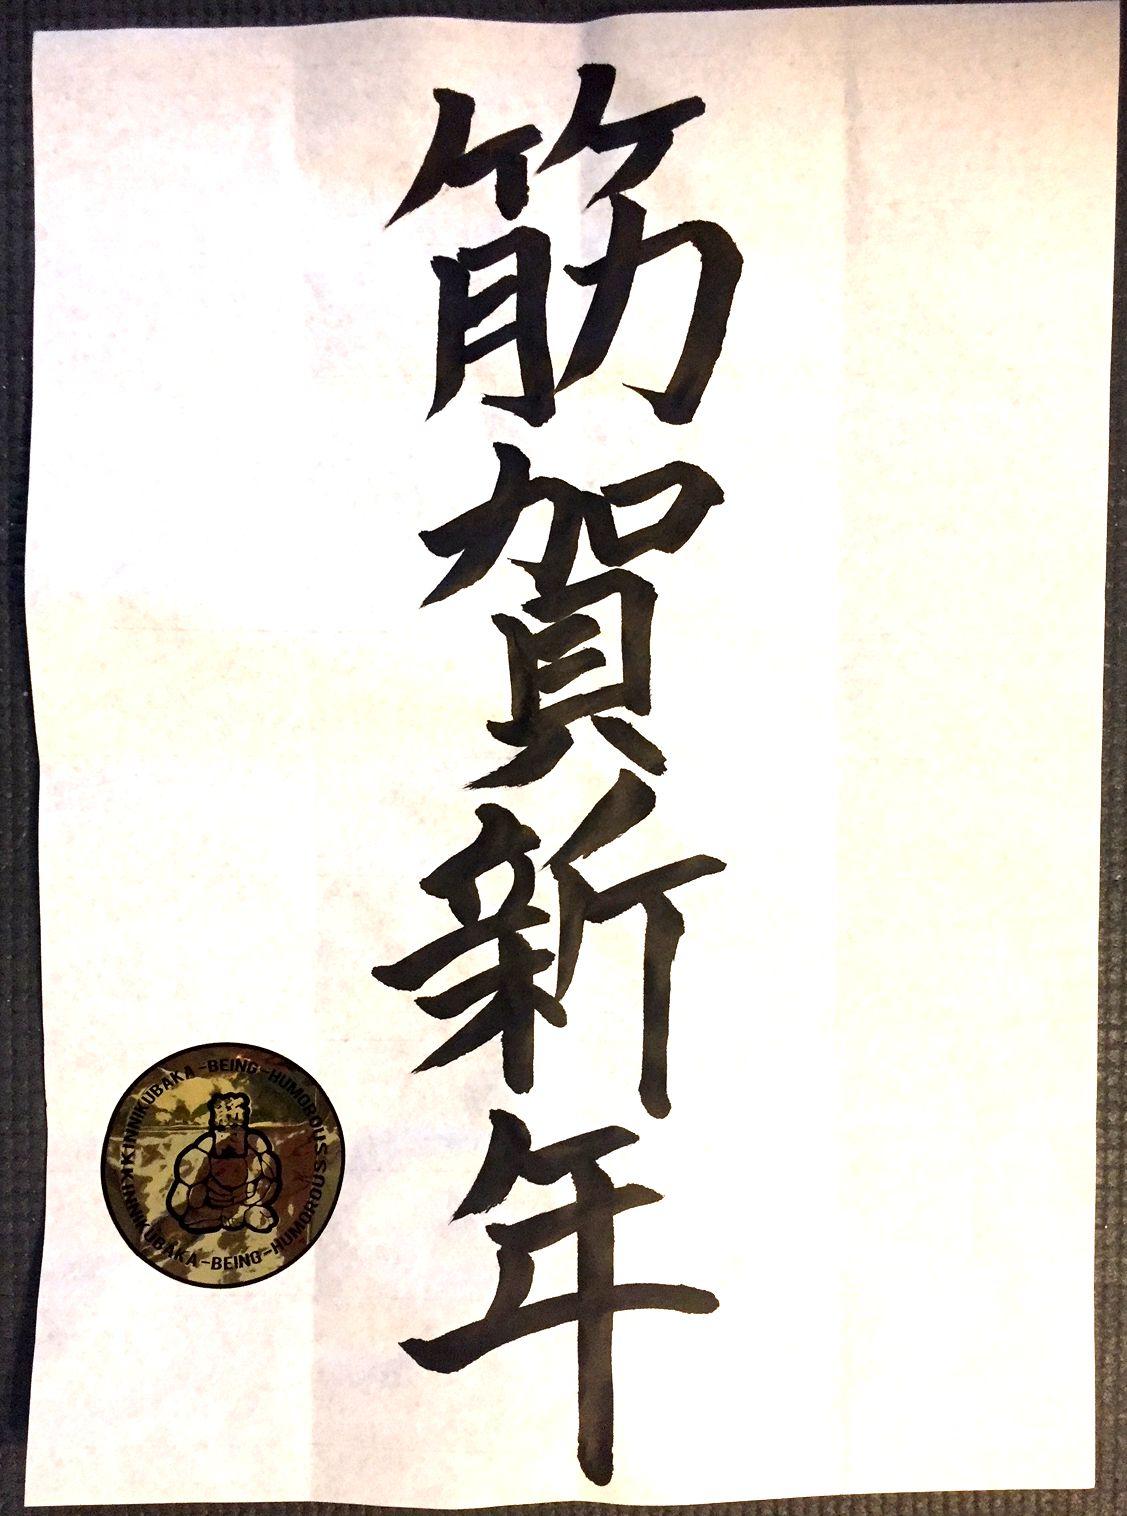 IMG 3772 - 新年明けましておめでとうございます!今年は『面白いトレーニング場所を見つけよう!』をテーマに